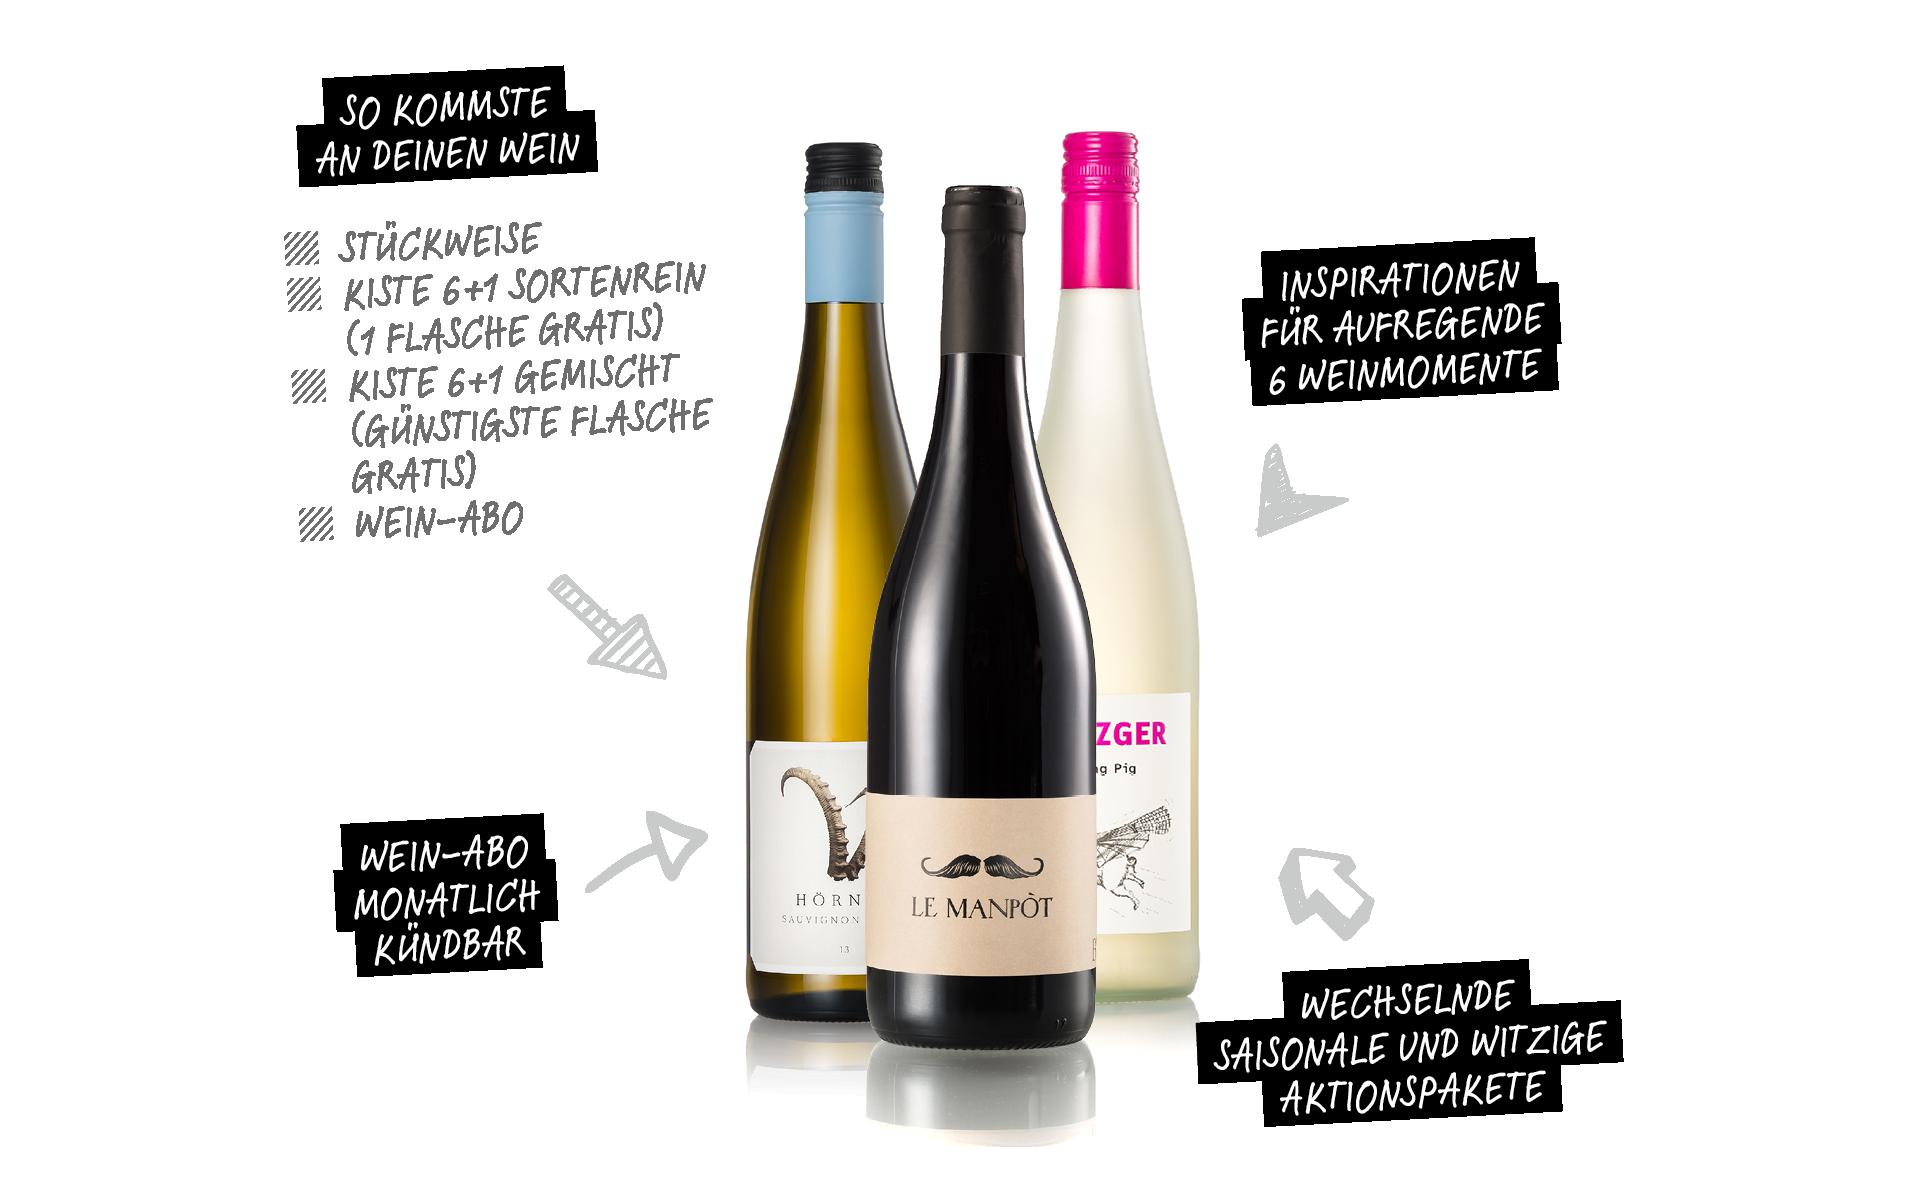 3 Flaschen BEESondere Weine aus dem Wein-Abo von HolzLand Beese in Unna